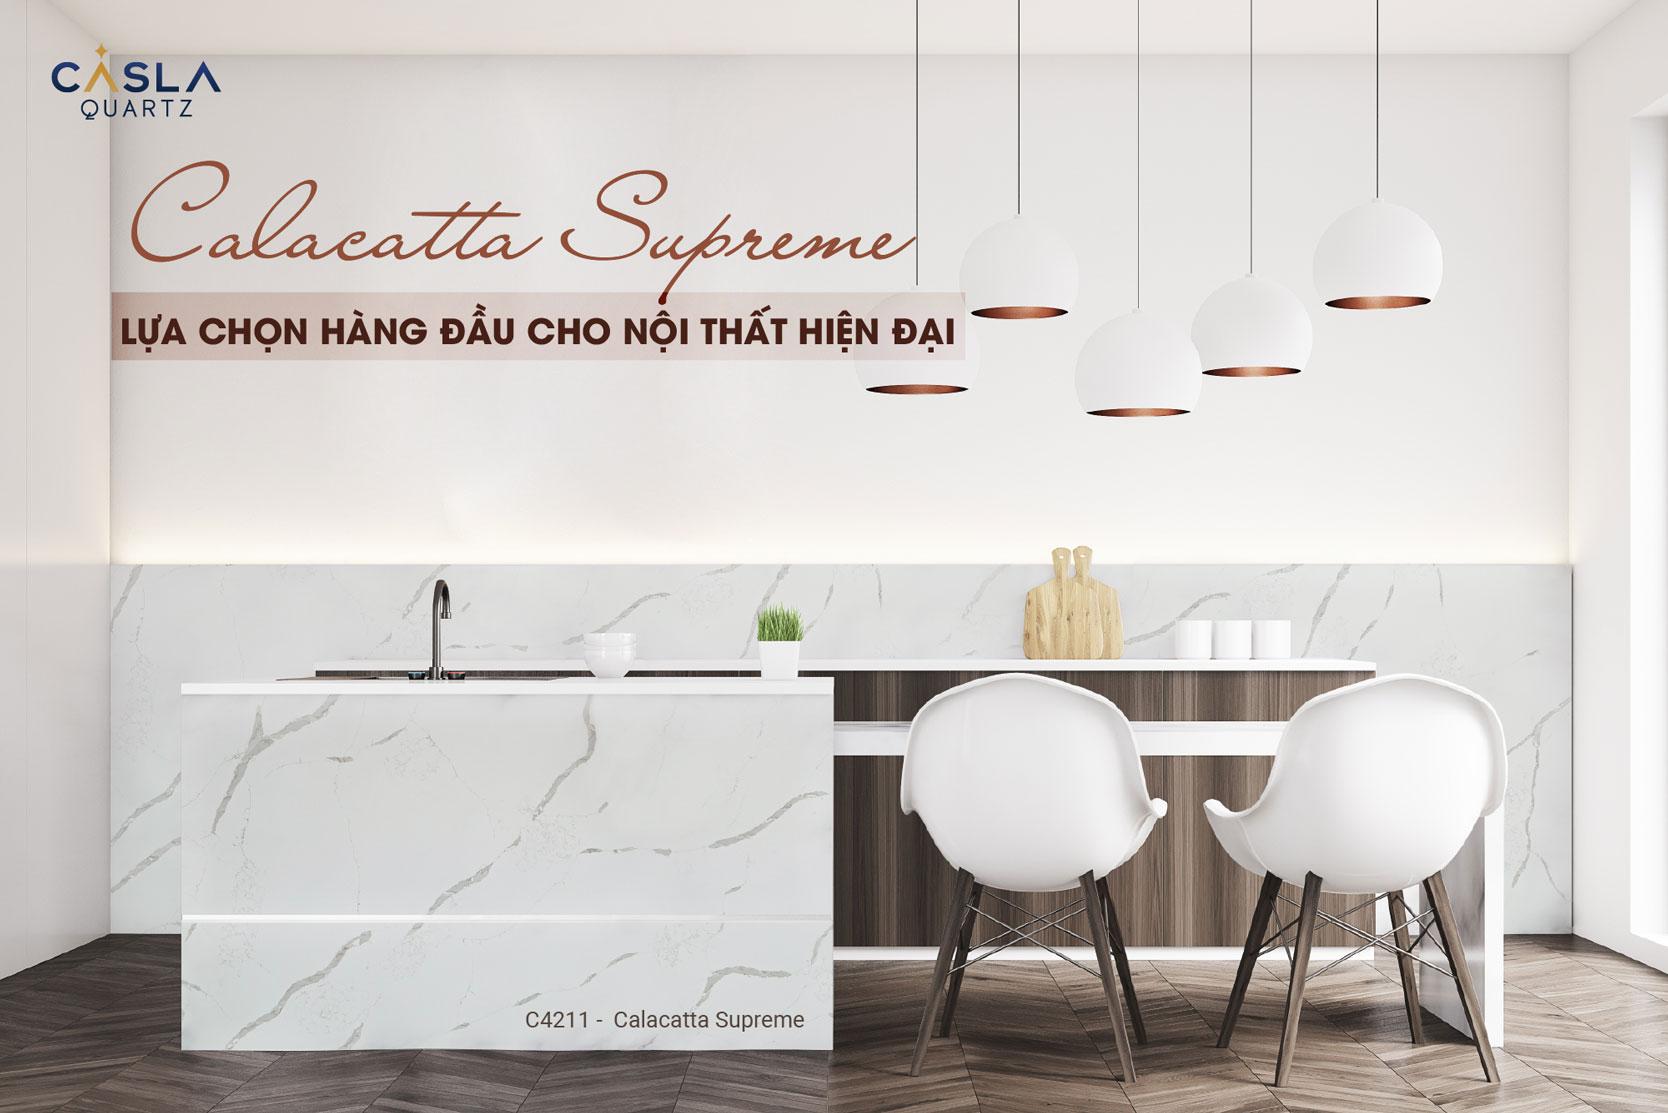 Đá thạch anh nhân tạo Calacatta Supreme lựa chọn hàng đầu cho nội thất hiện đại